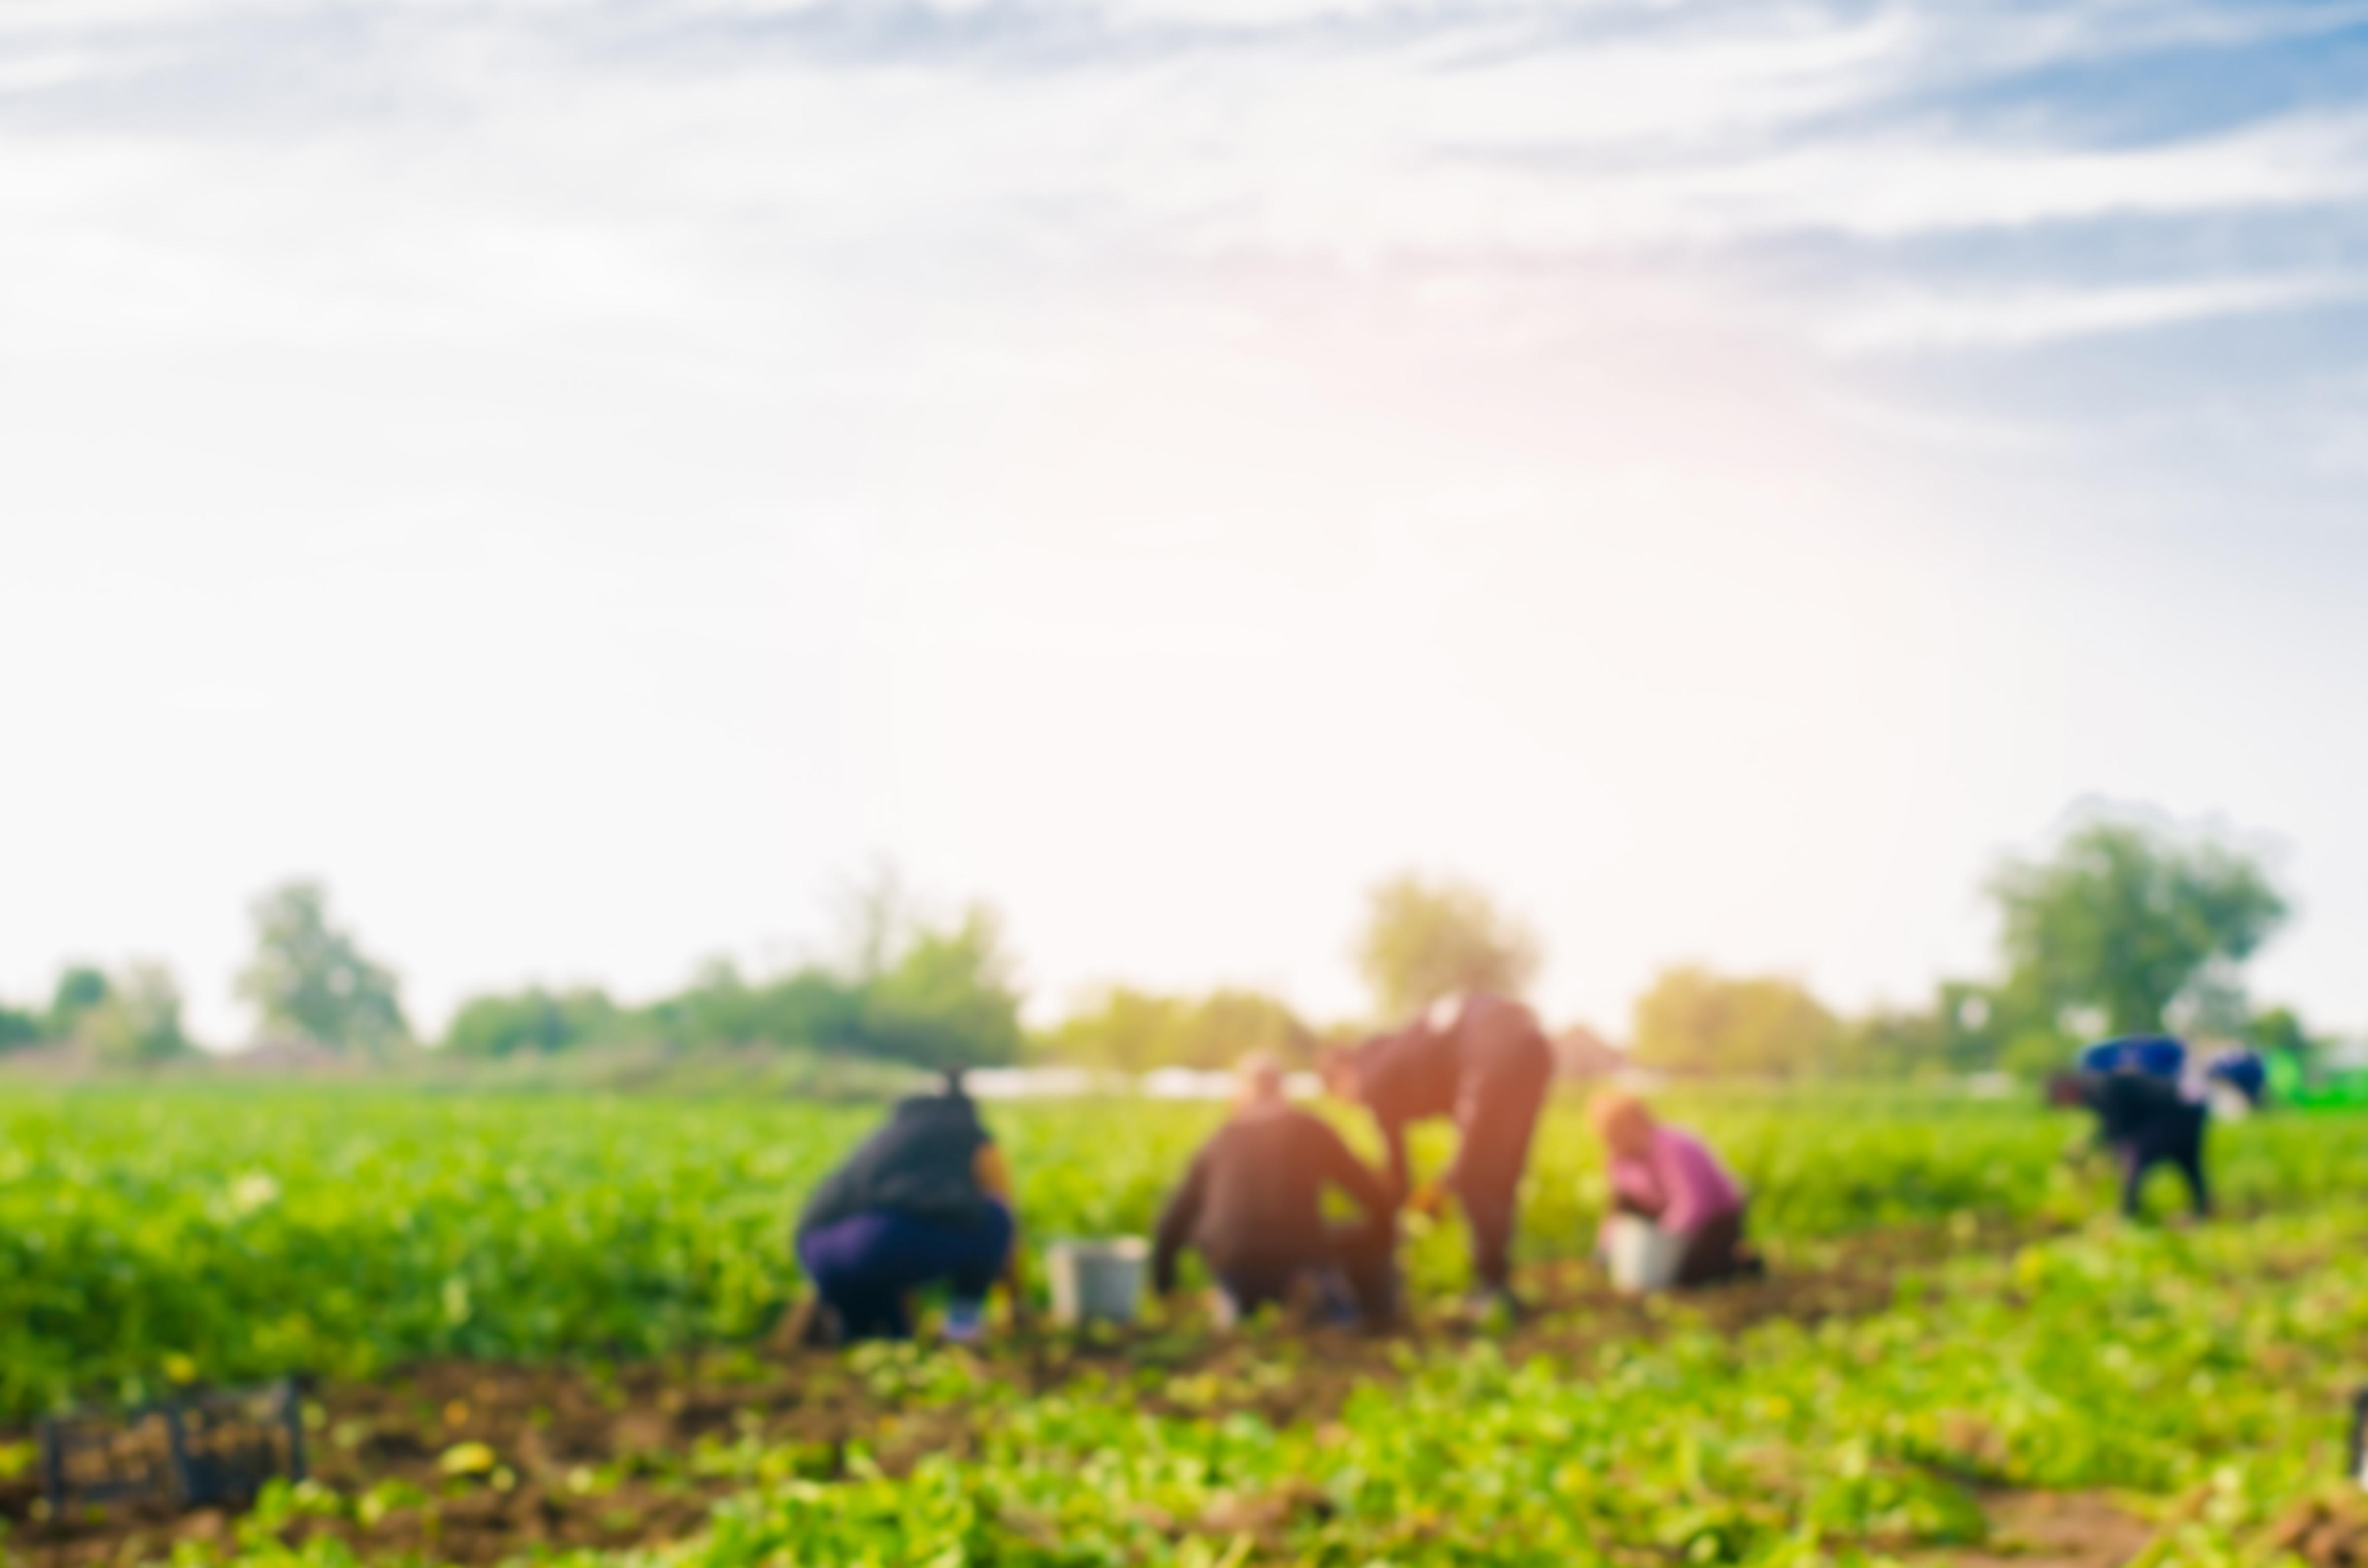 Imagem com pessoas trabalhando no campo